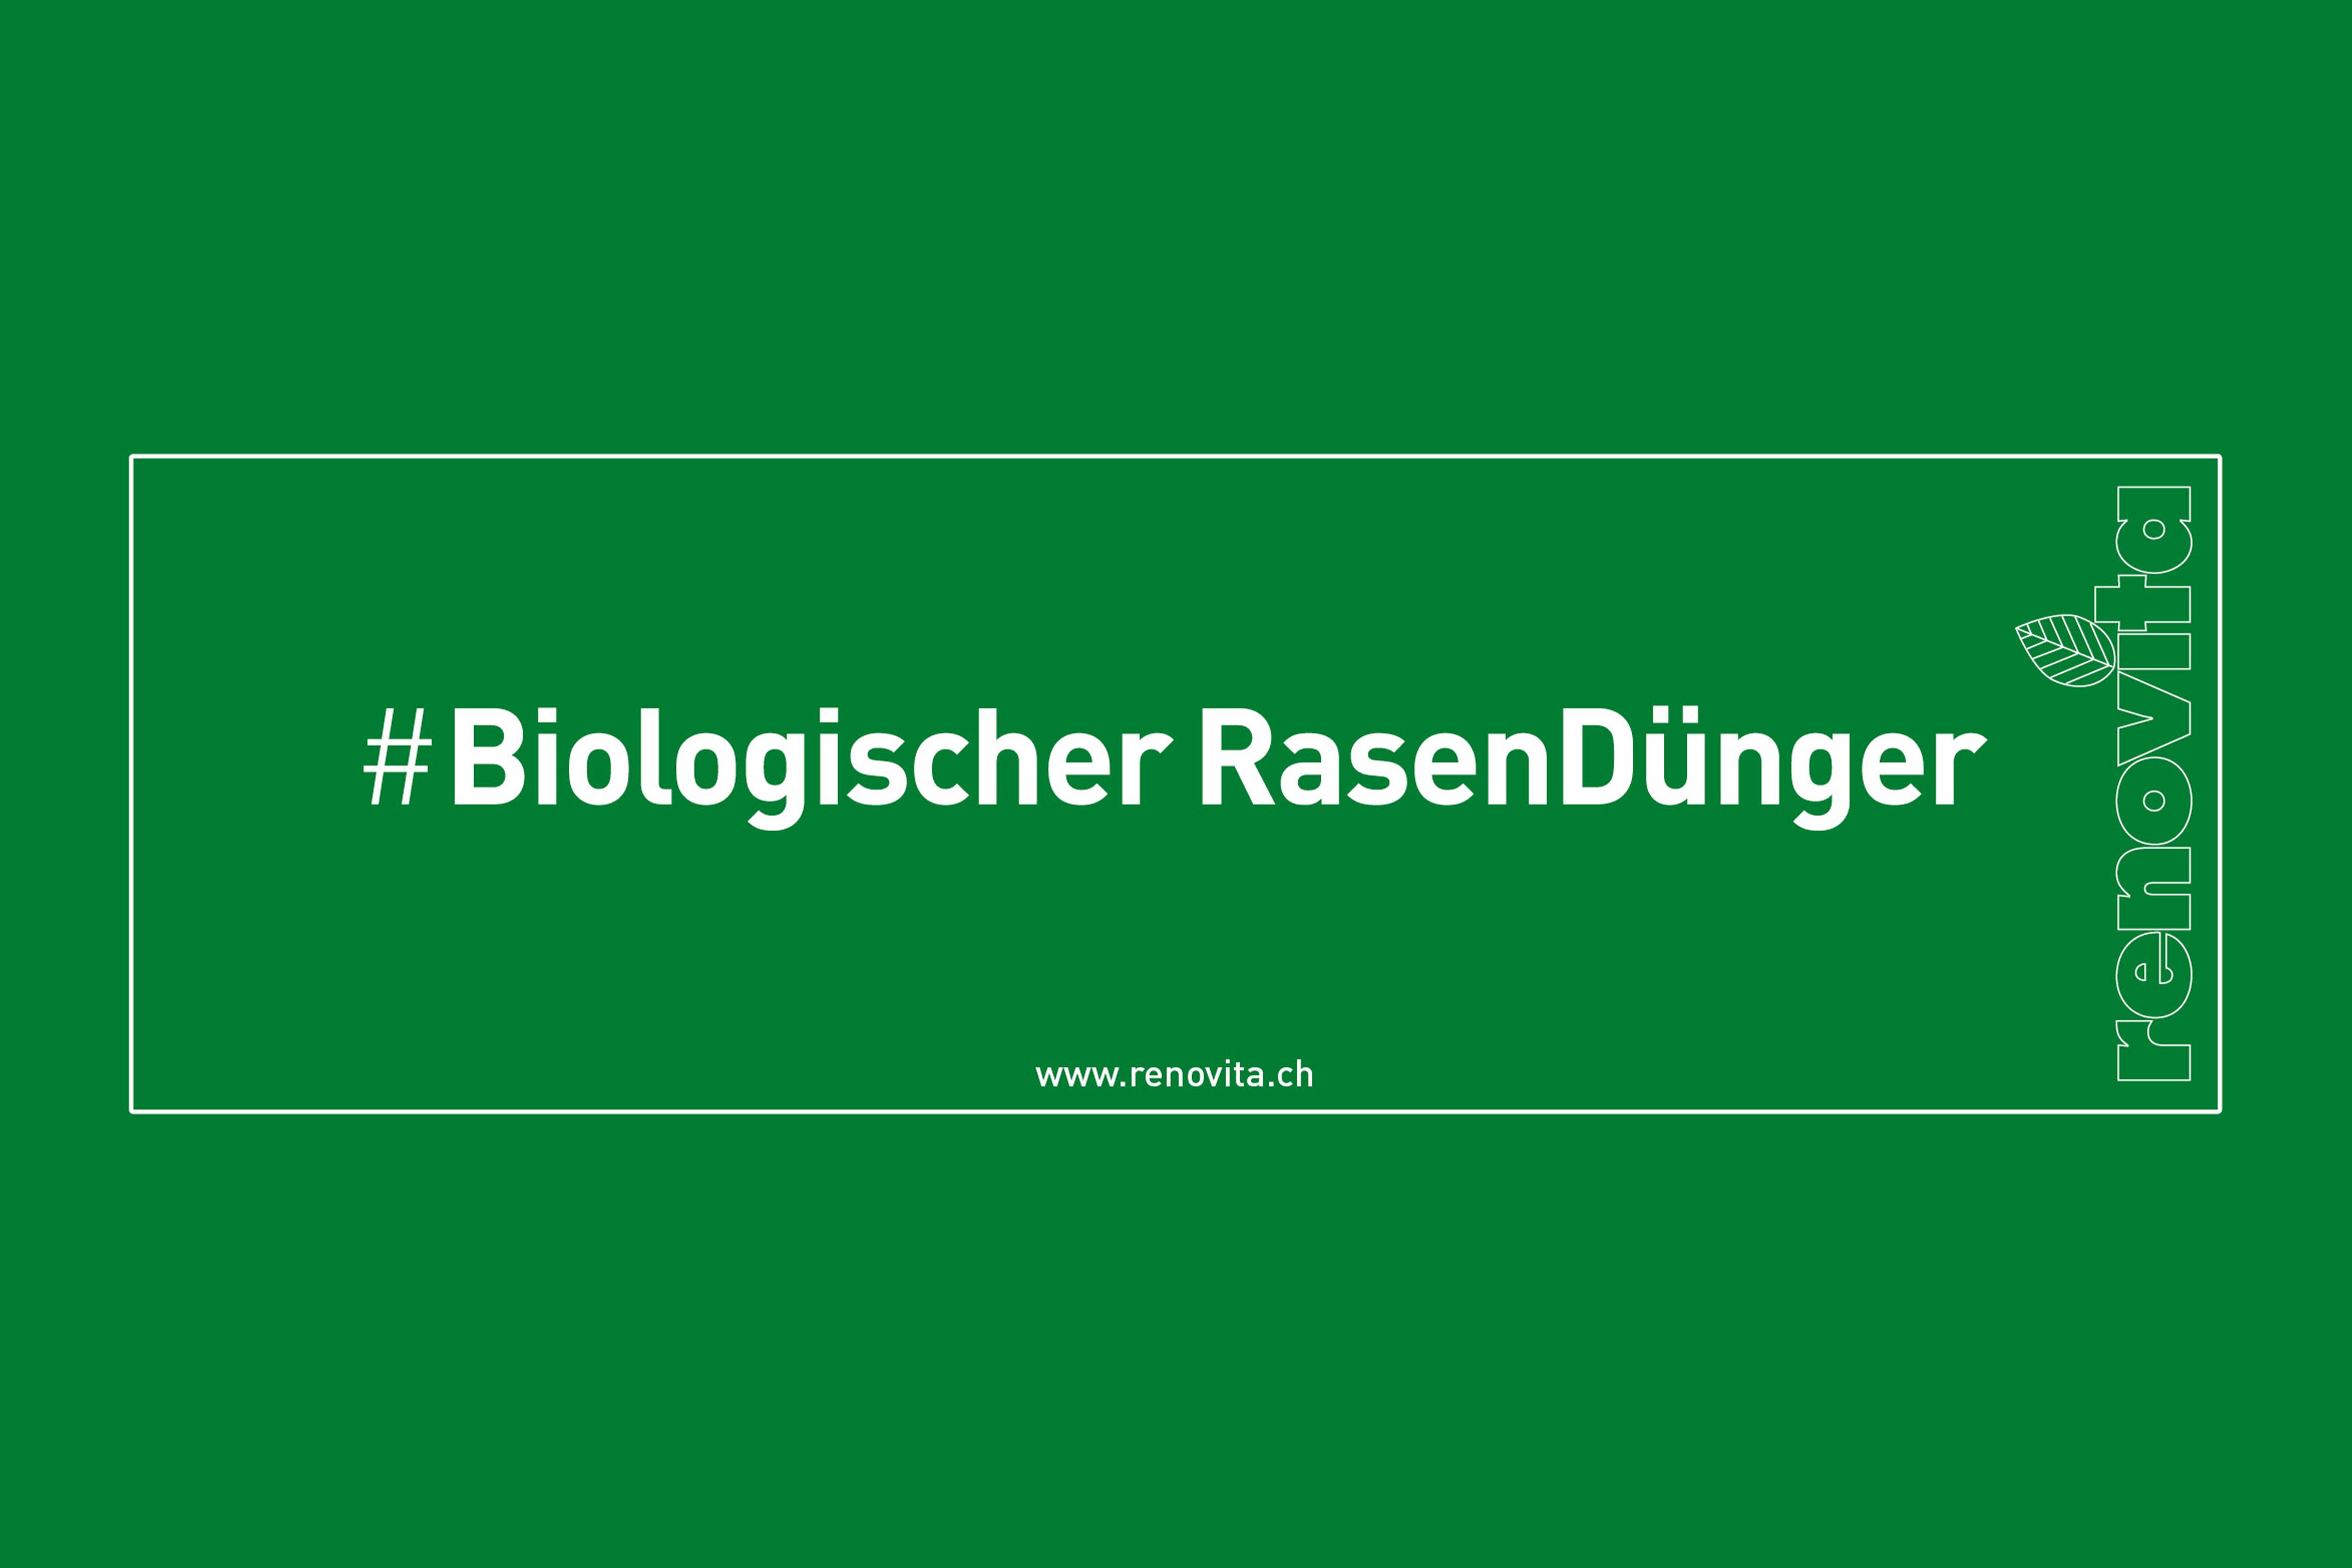 #Biologischer_RasenDuenger